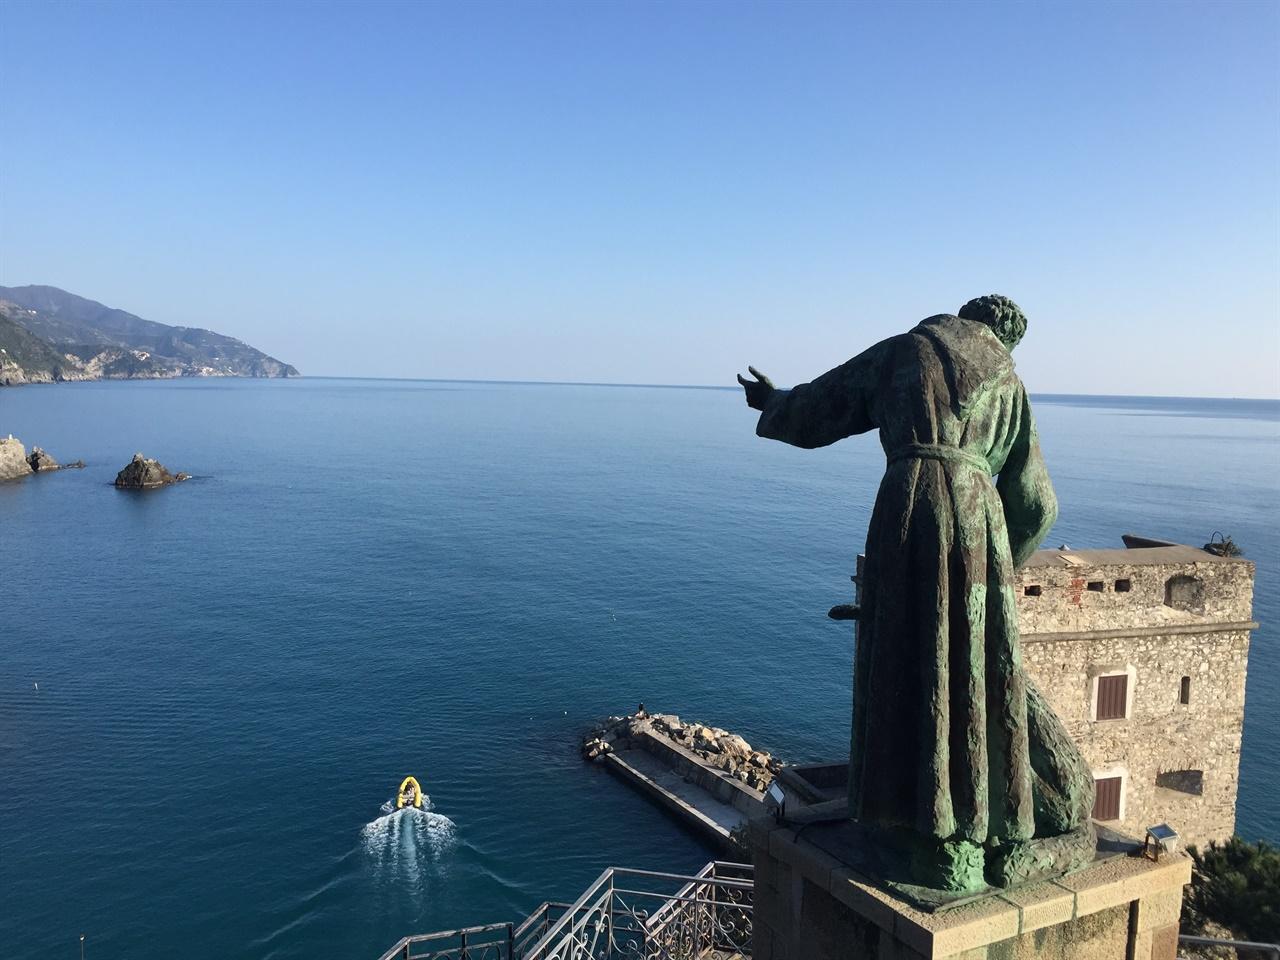 티레니아 해를 바라보며, 늑대를 달래는 프란치스코 성인 지난번 이탈리아 여행에서 찾았던 몬테로쏘 알 마레의 풍경인데요, 언젠가는 장화의 반대편은 아드리아해를 따라 내려가는 <트립 투 이탈리아>의 루트를 따라가고 싶어요.